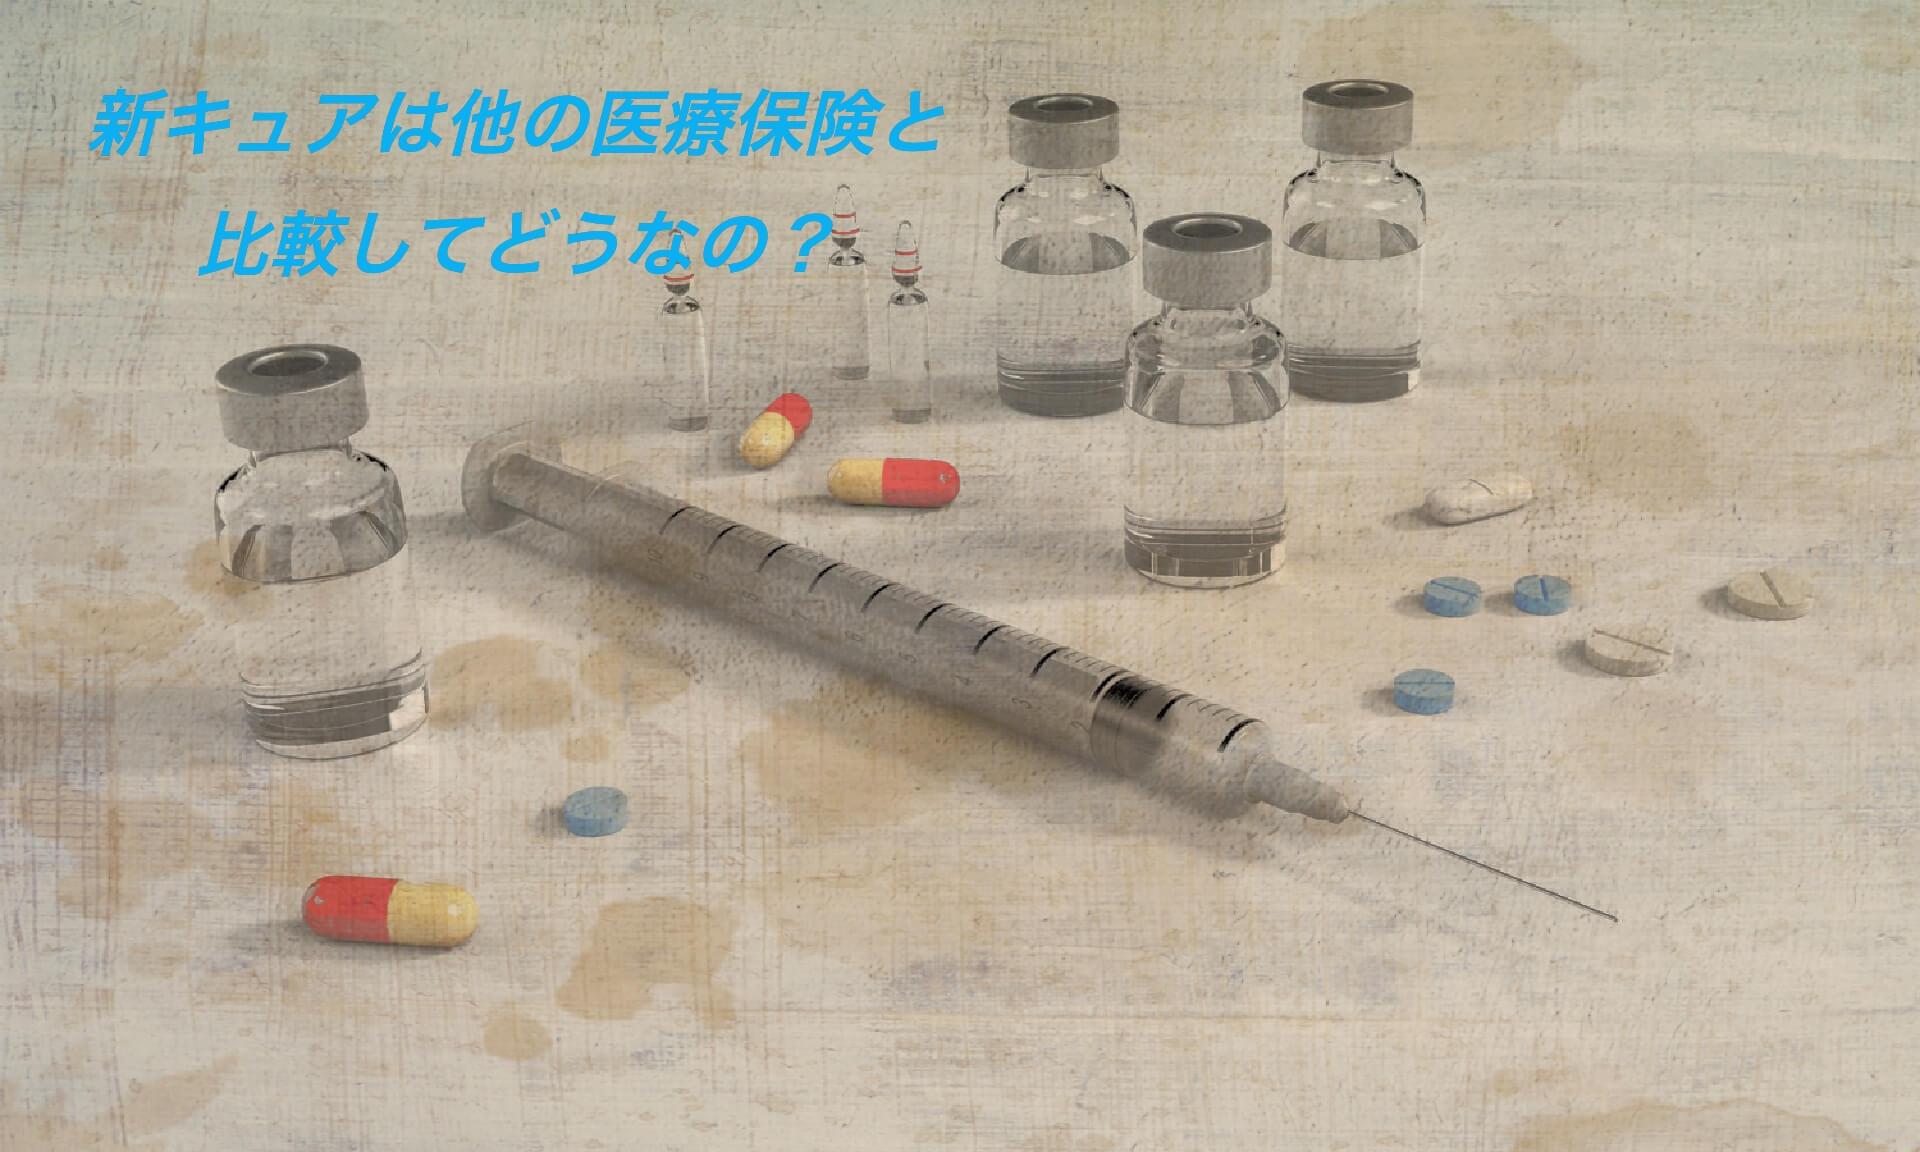 オリックス生命の「新キュア(新CURE)」を他の医療保険商品と比較